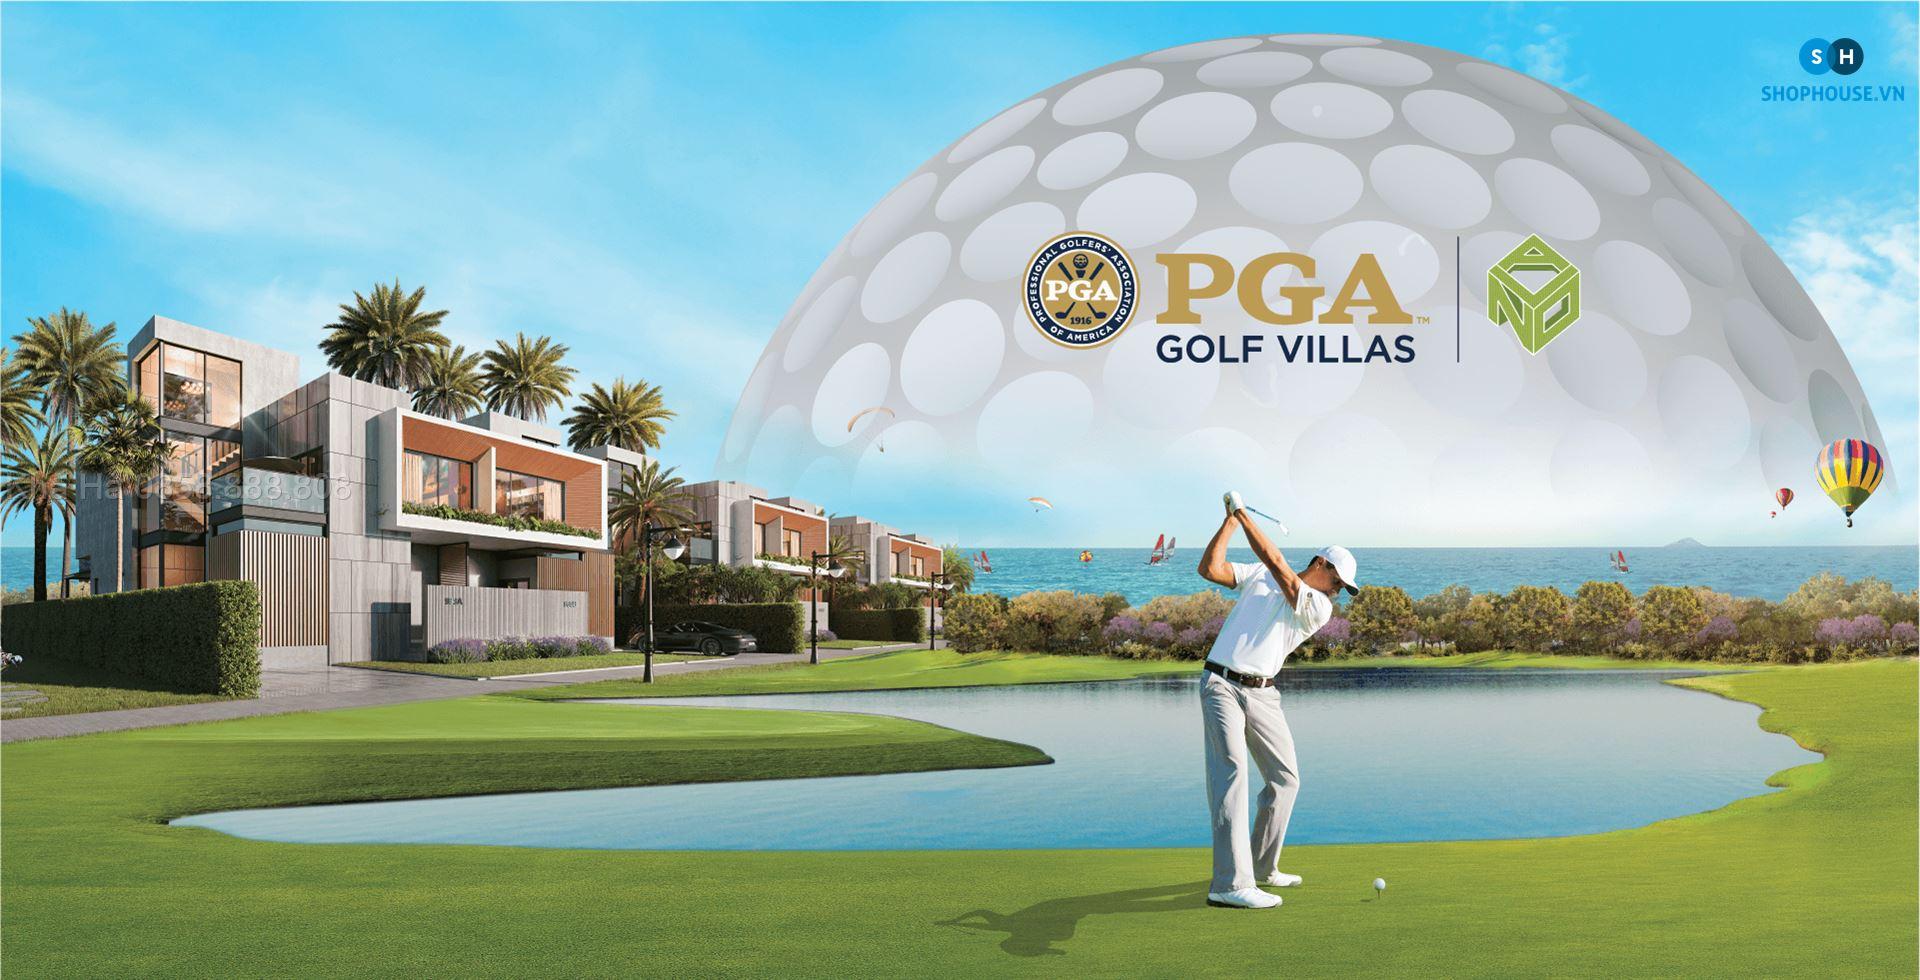 san-golf-pga-golf-villas-garden-novaworld